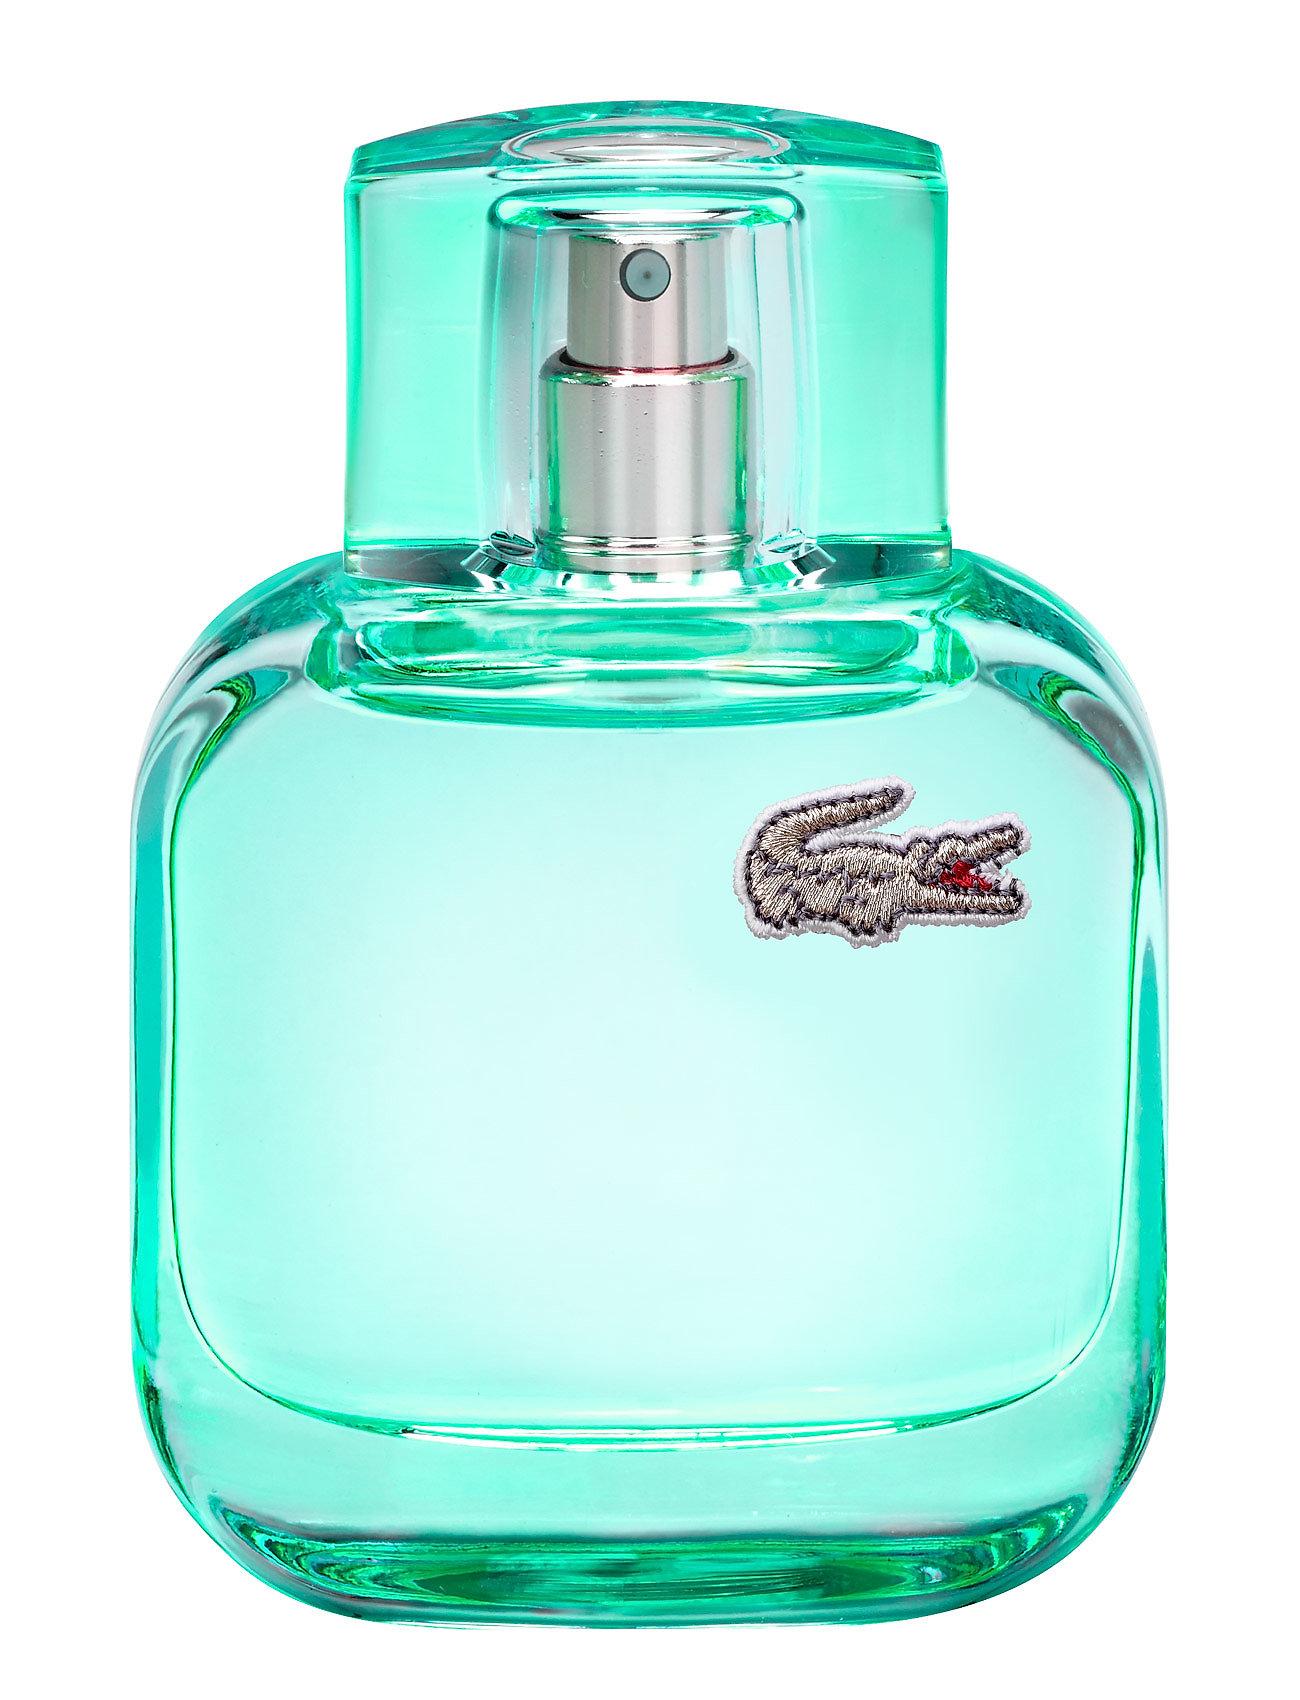 lacoste fragrance Lacoste l.12.12 natural pf eau de t fra boozt.com dk